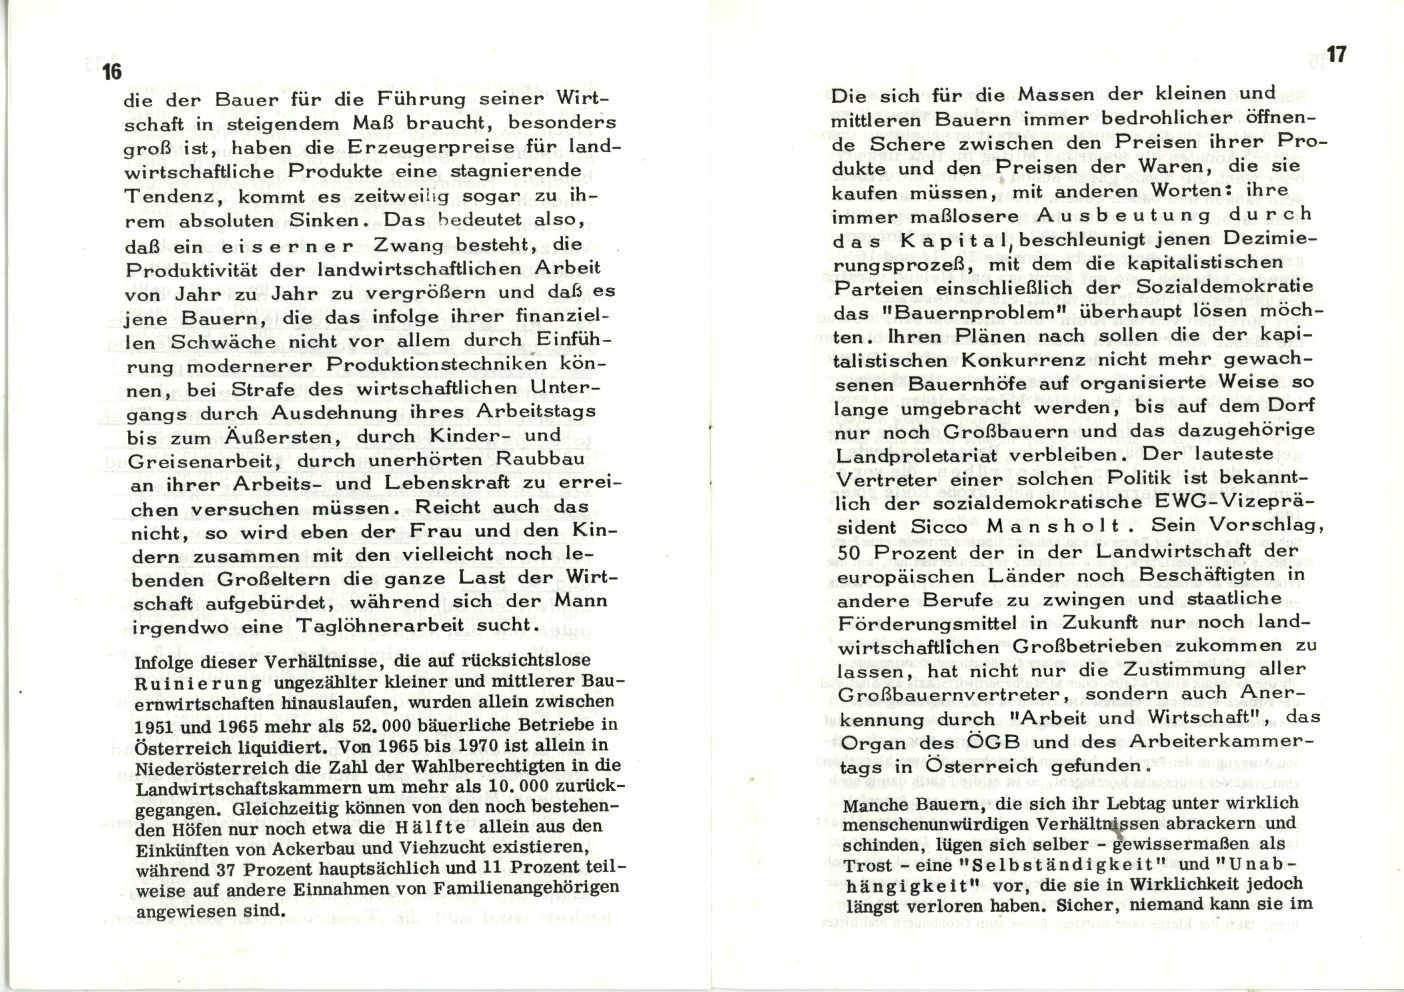 MLPOe_Soli_mit_den_Bauern_1972_09